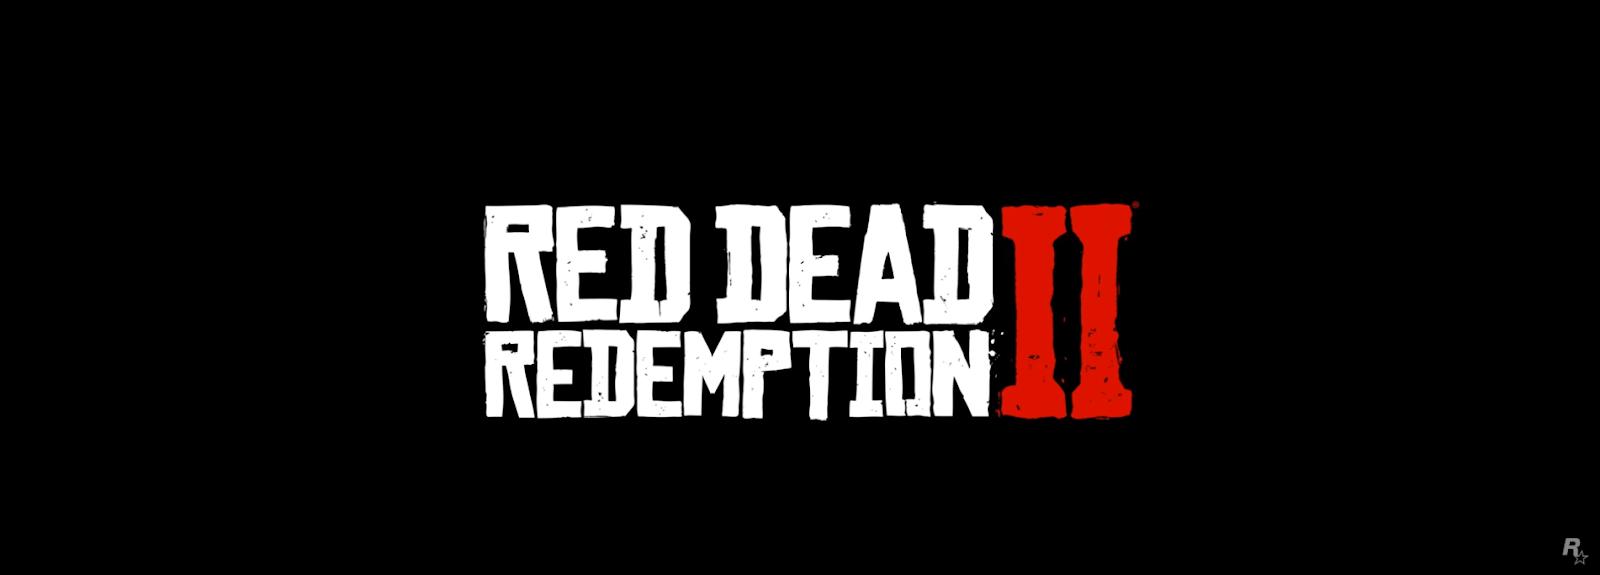 Ini Dia Trailer Red Dead Redemption 2 yang Terbaru